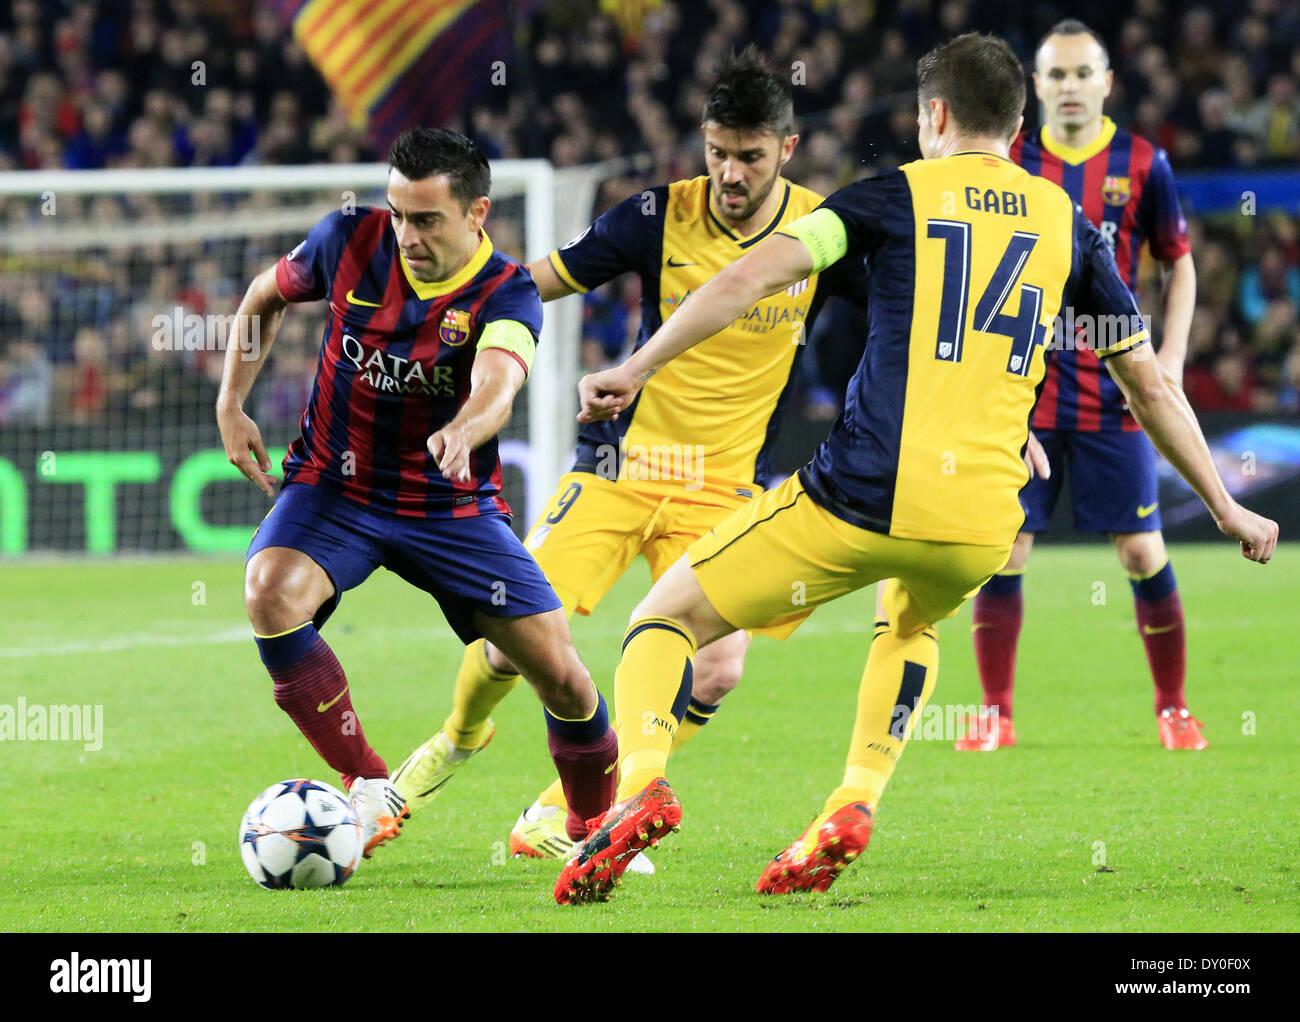 David Villa Atletico De Madrid Stock Photos   David Villa Atletico ... 47e6df1ad